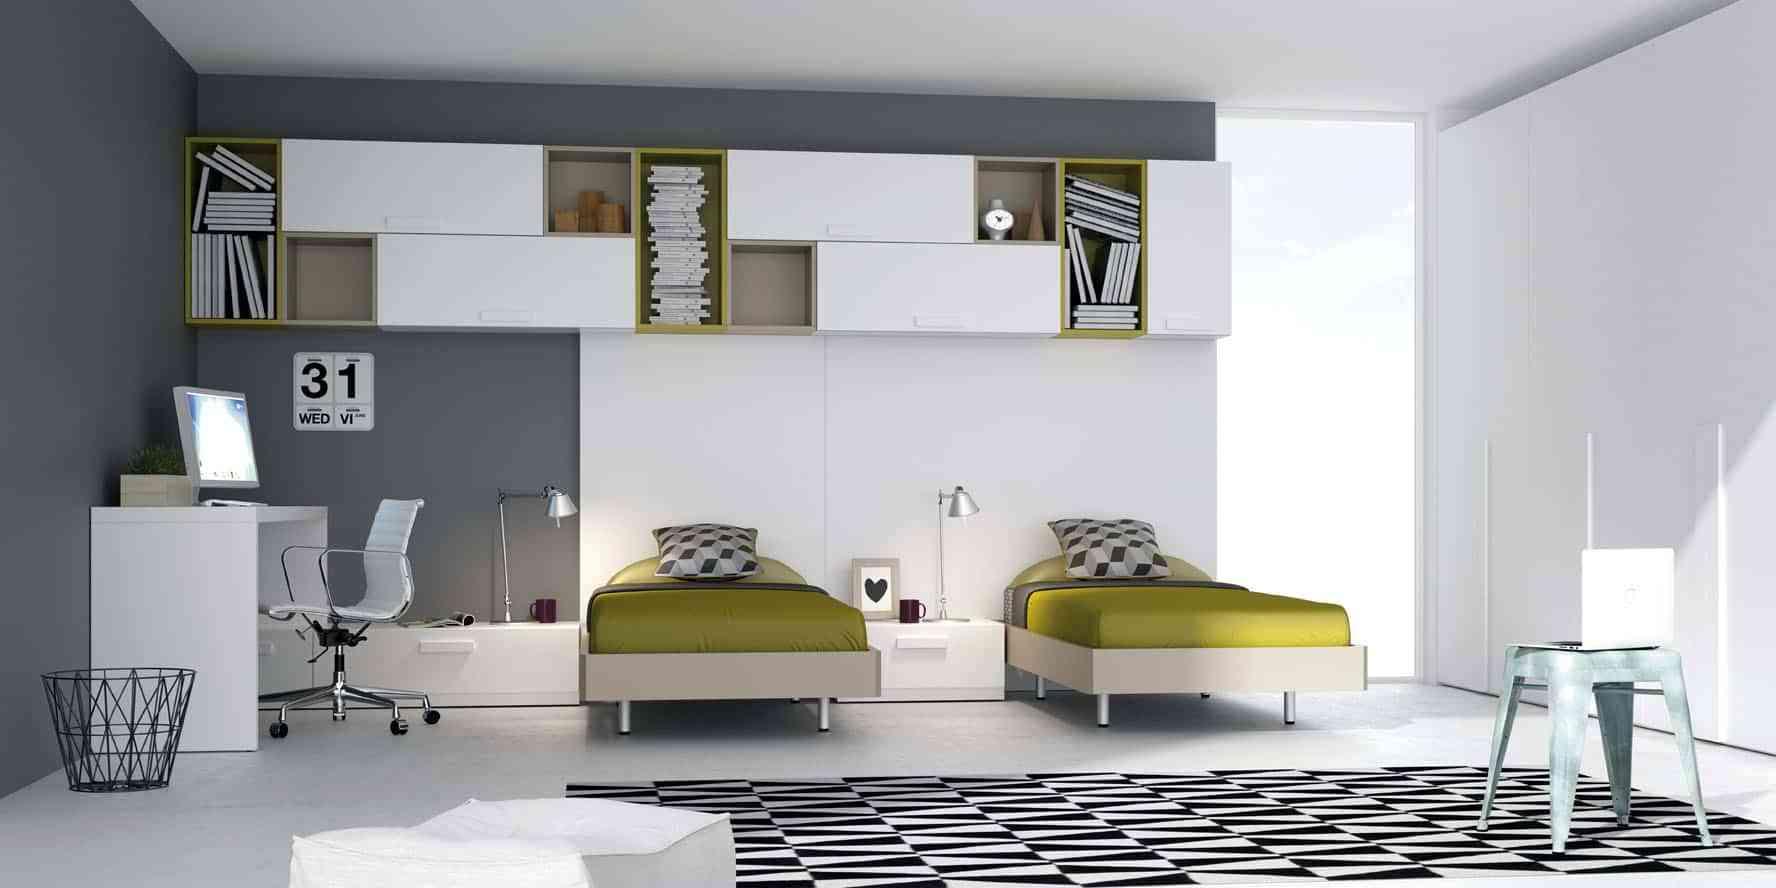 Dormitorios juveniles de dise o moderno a los que no podr - Dormitorios juveniles pequenos ...